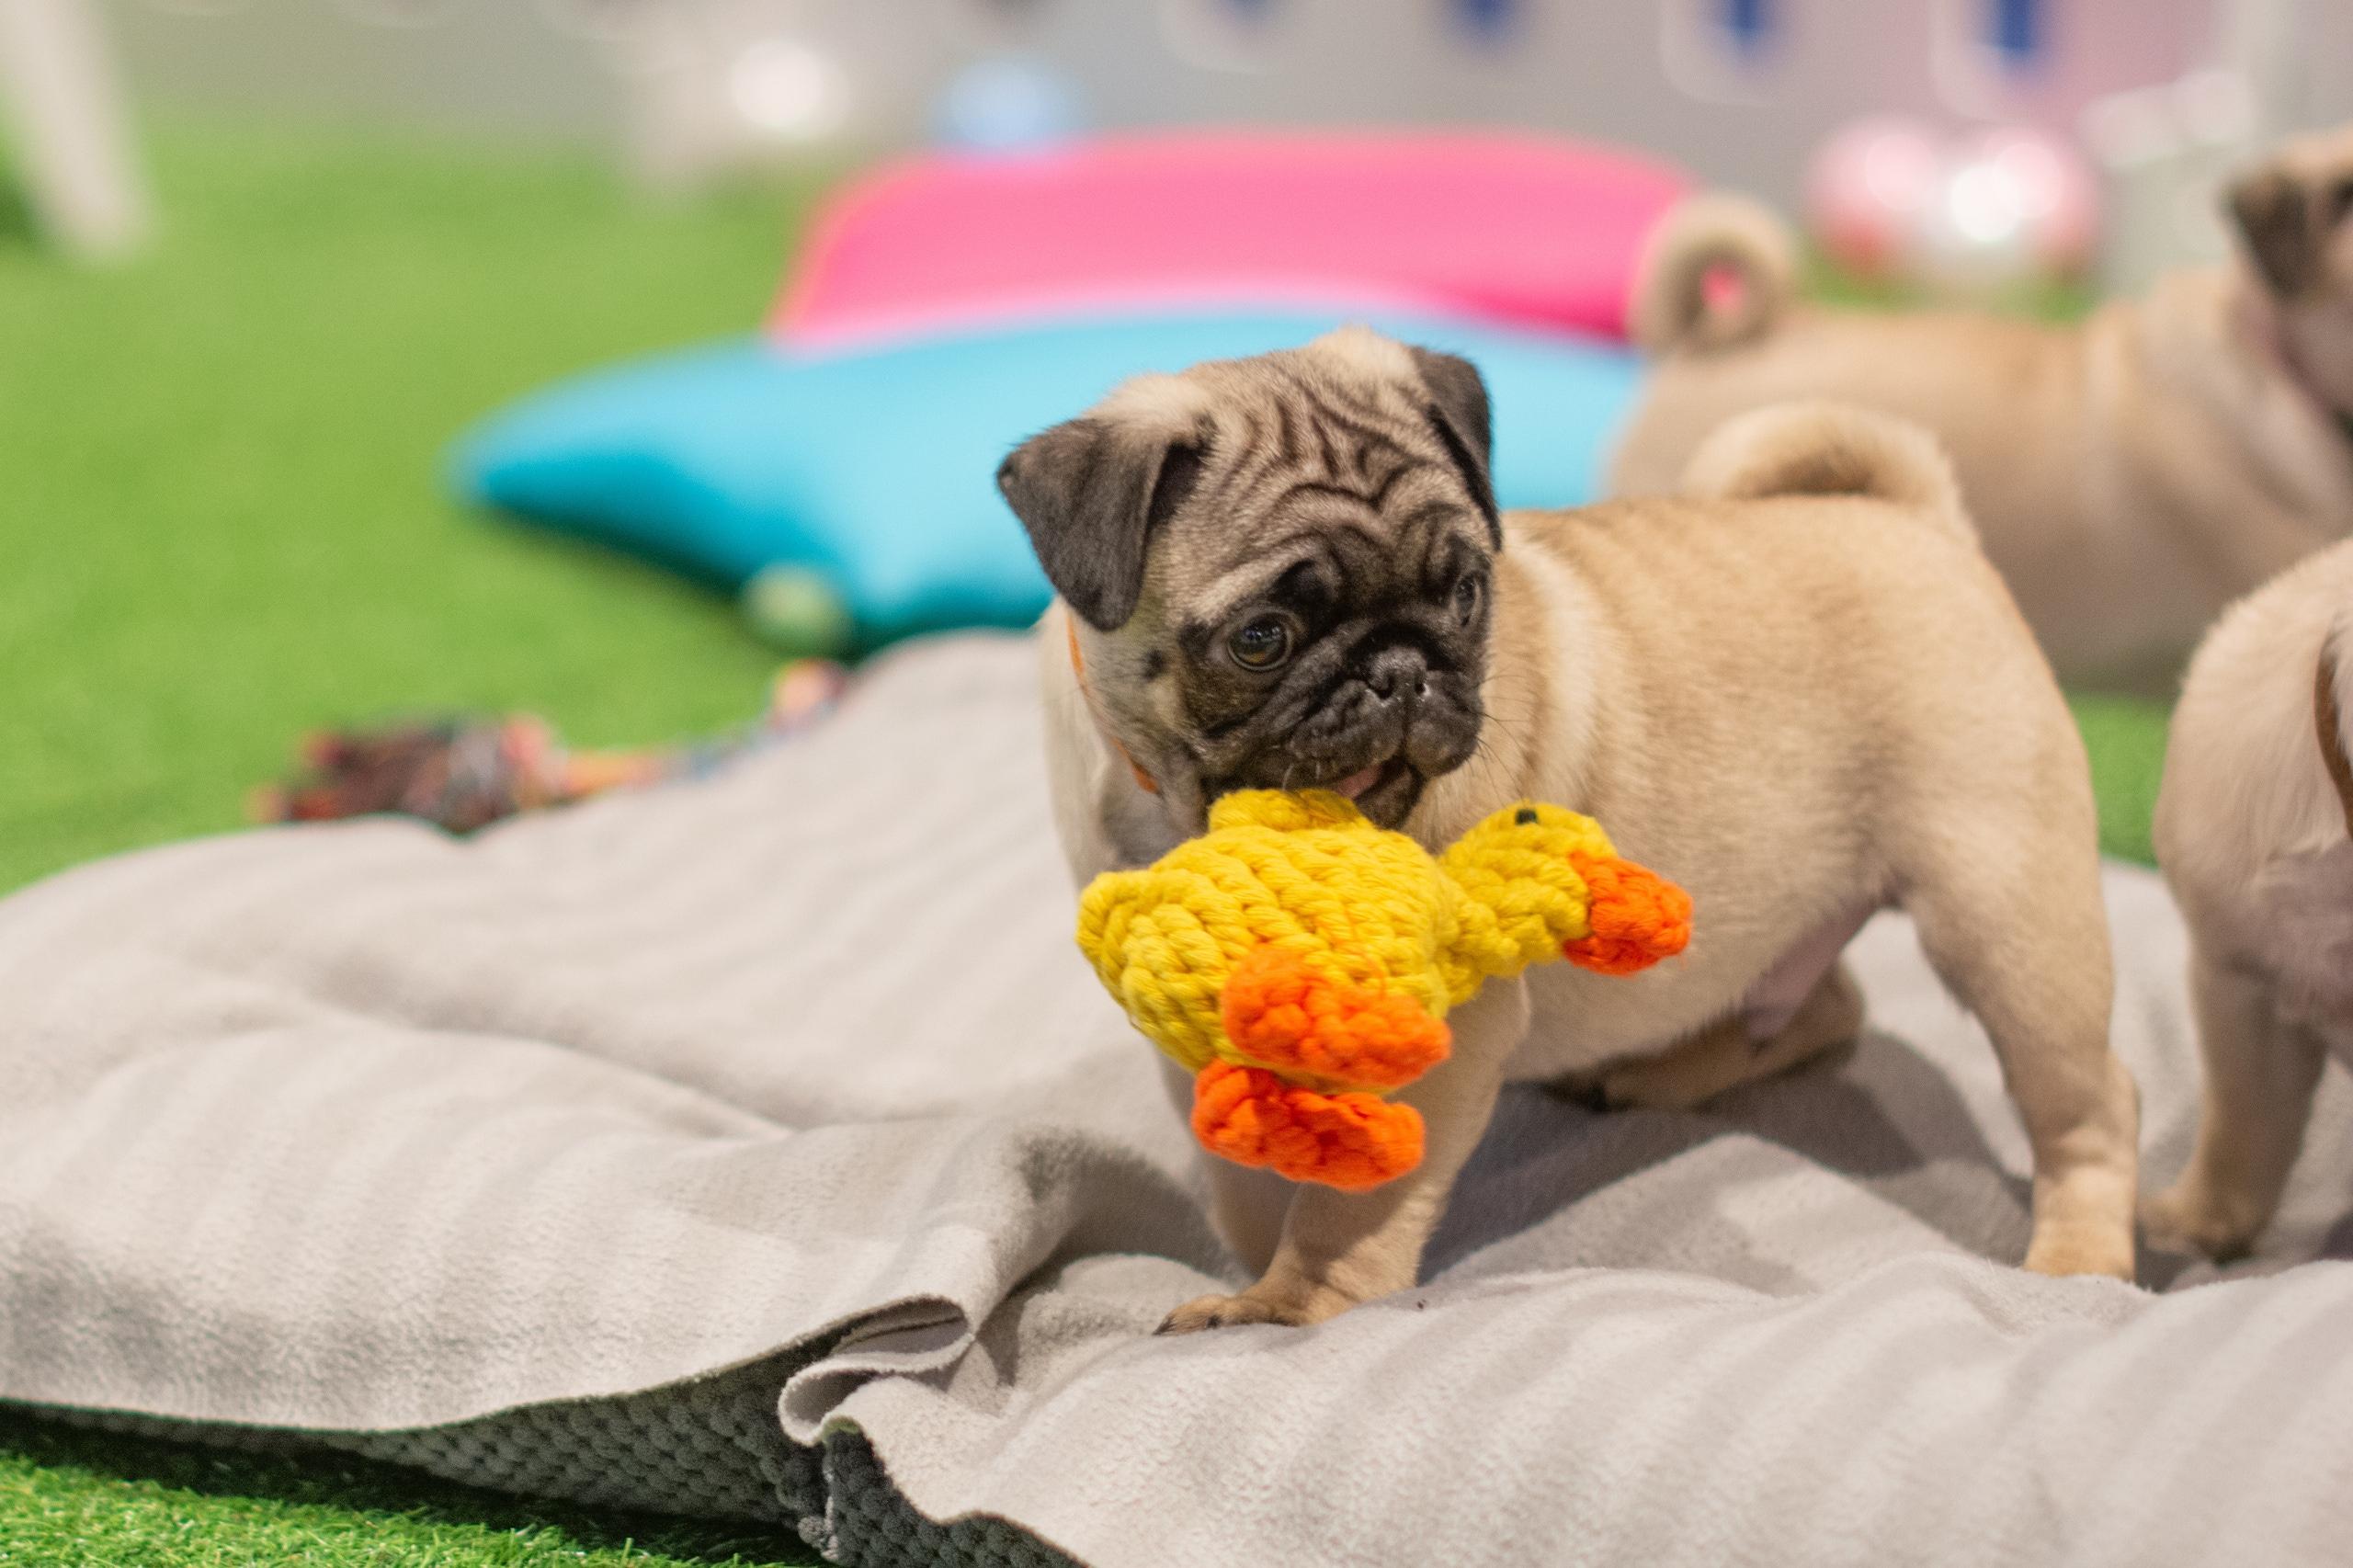 Should I buy a puppy?